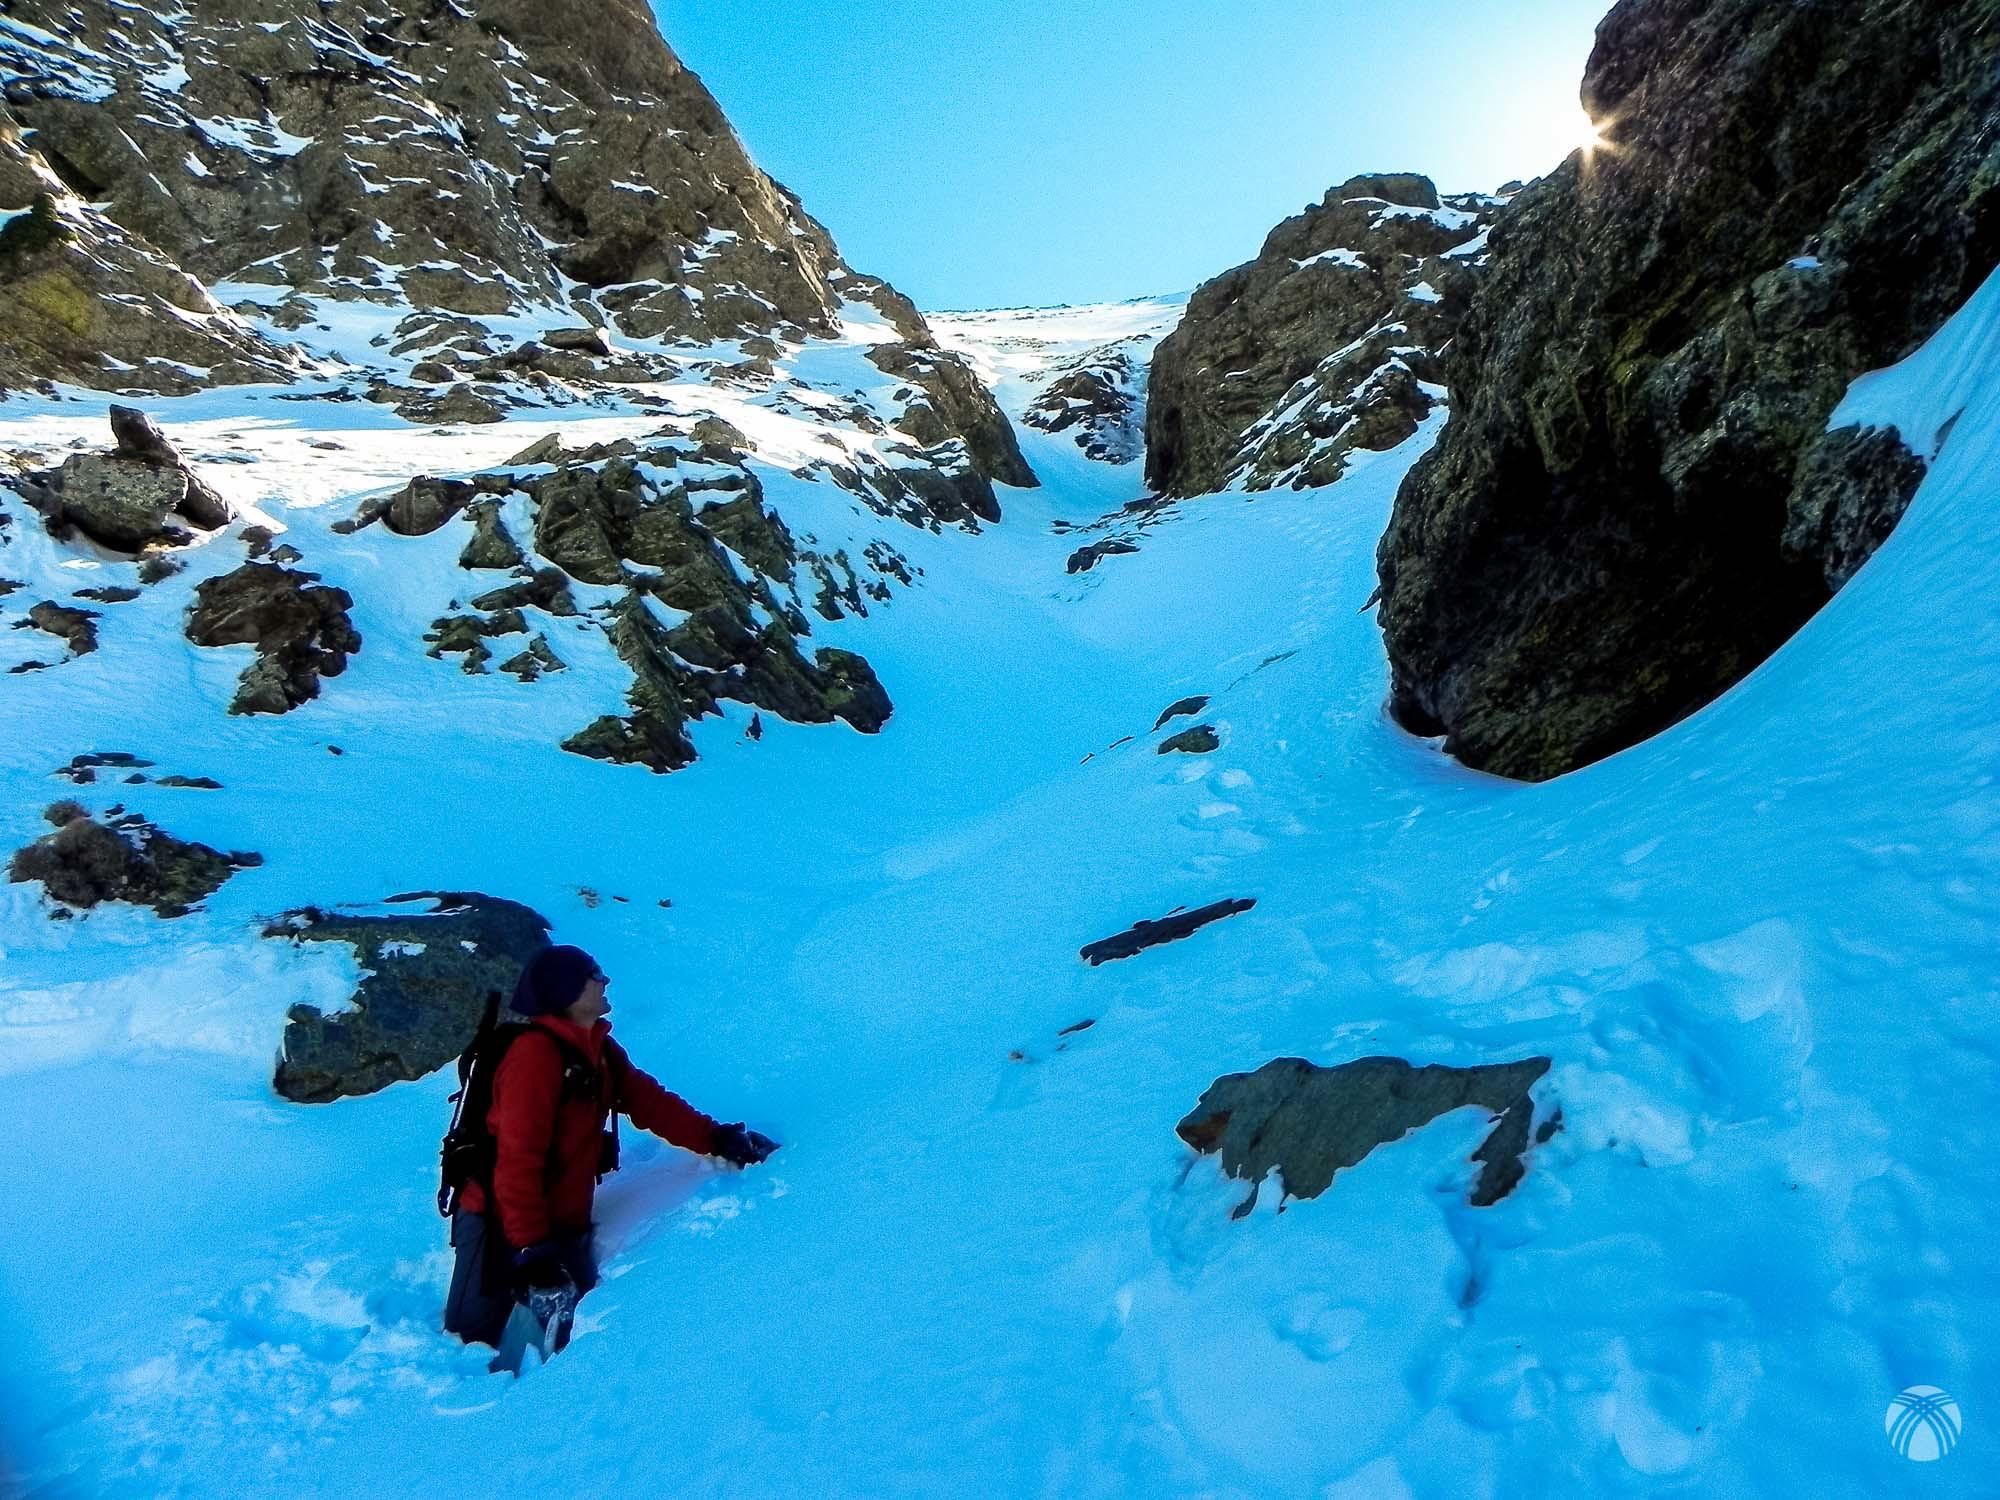 Y ya sólo nos queda esta pendiente de nieve para salir a la cumbre